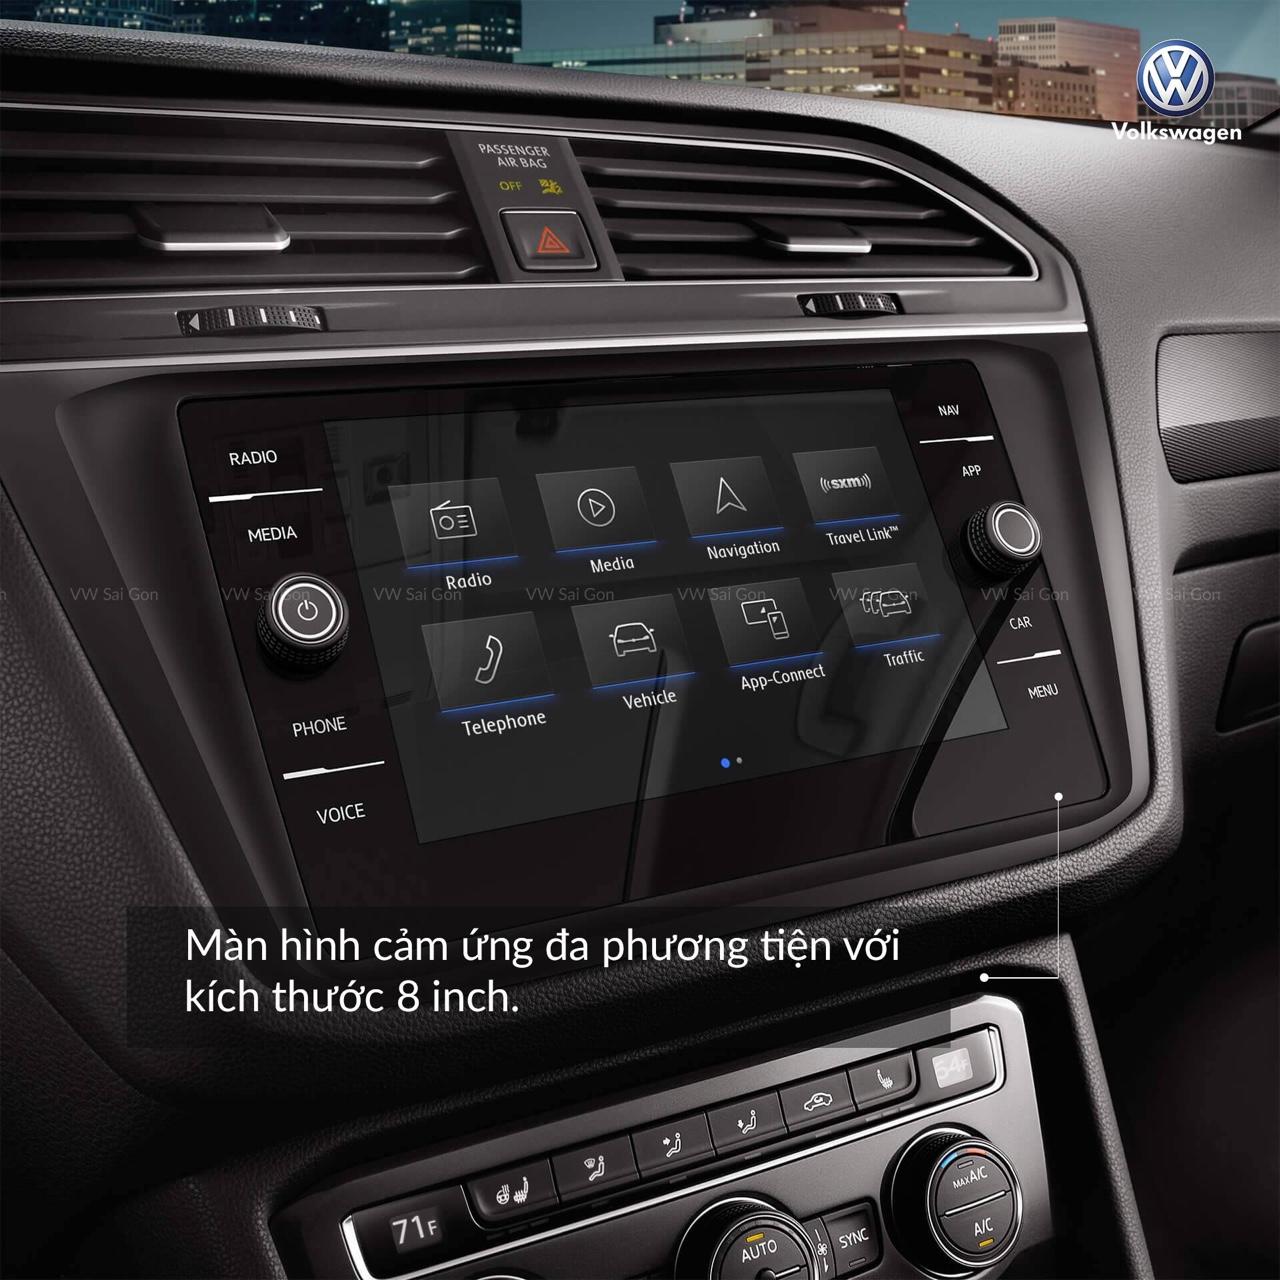 Cần bán xe Volkswagen Tiguan đời 2018, màu đen, nhập khẩu nguyên chiếc